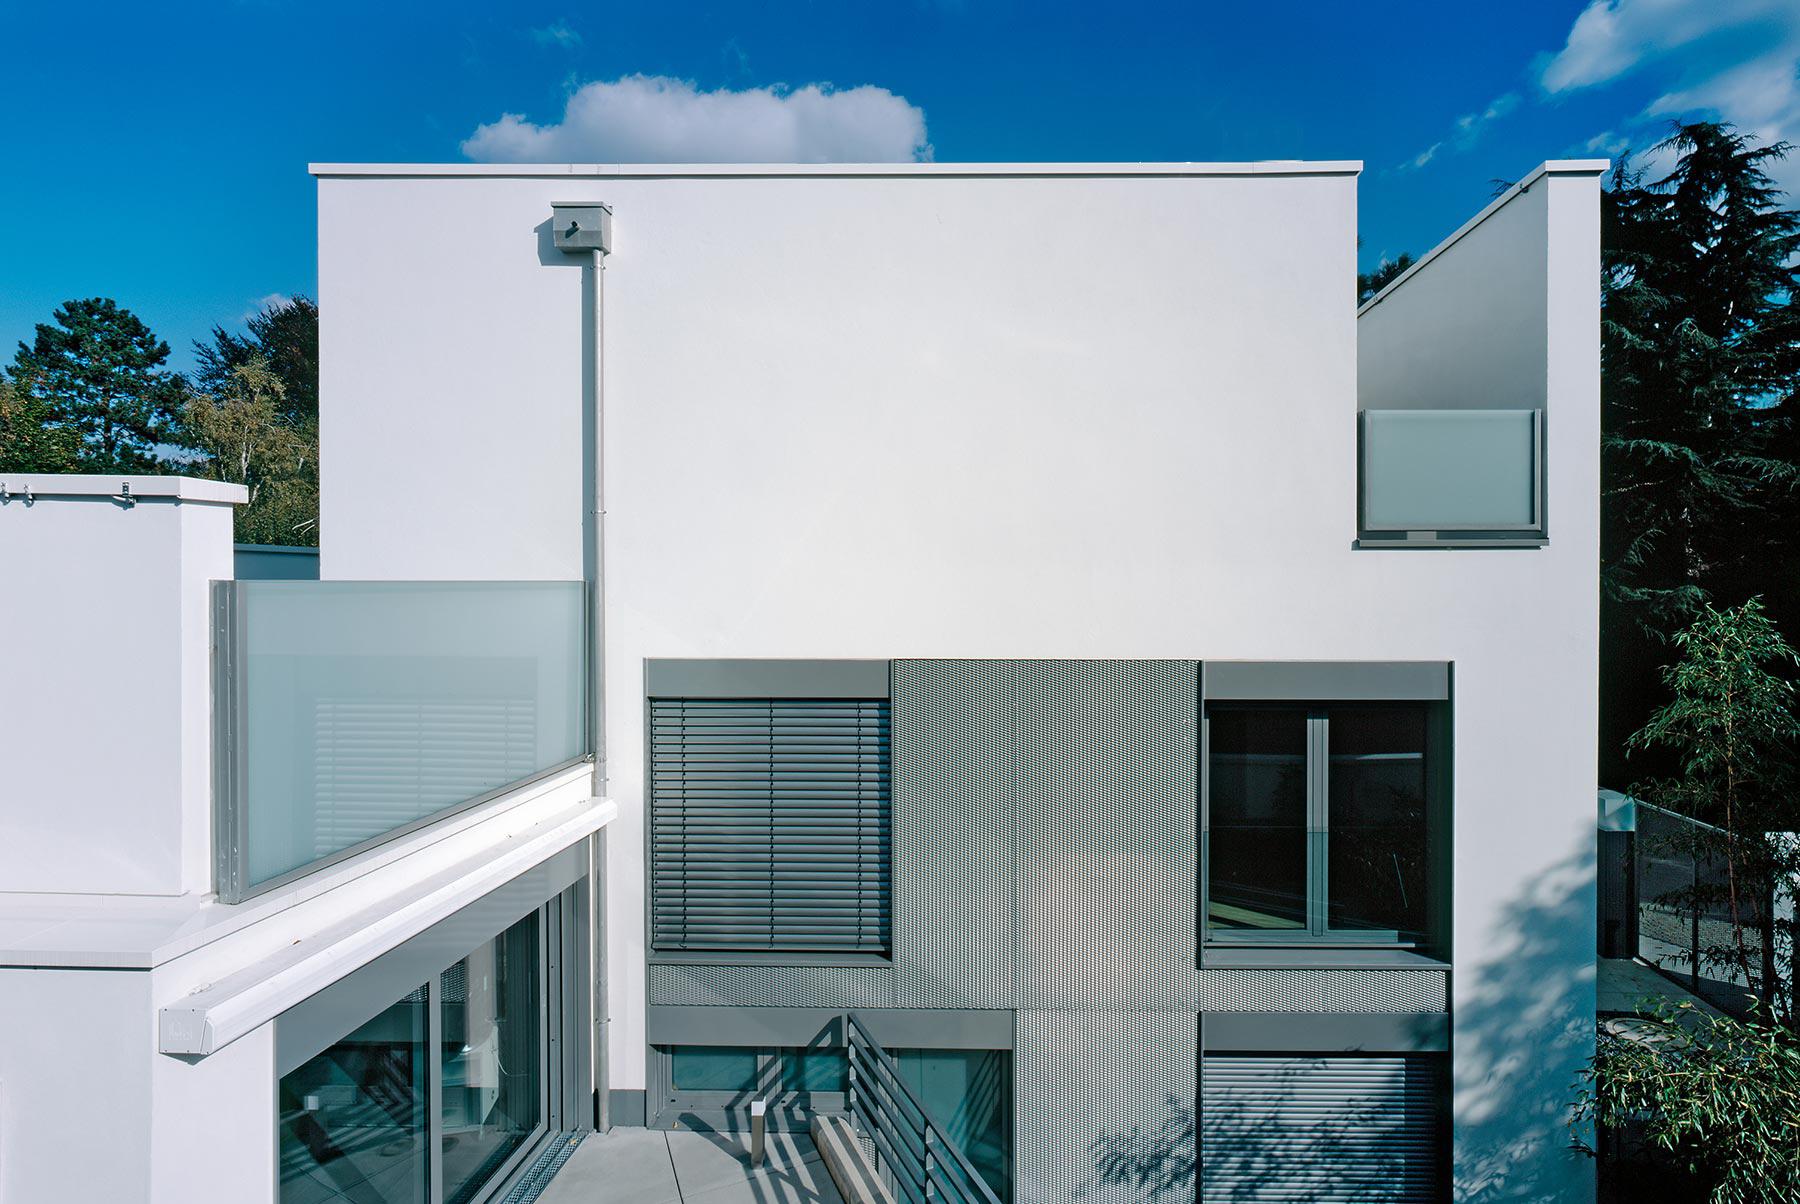 aufstockung und kernsanierung einfamilienhaus wilkin hanrath bauphasen. Black Bedroom Furniture Sets. Home Design Ideas